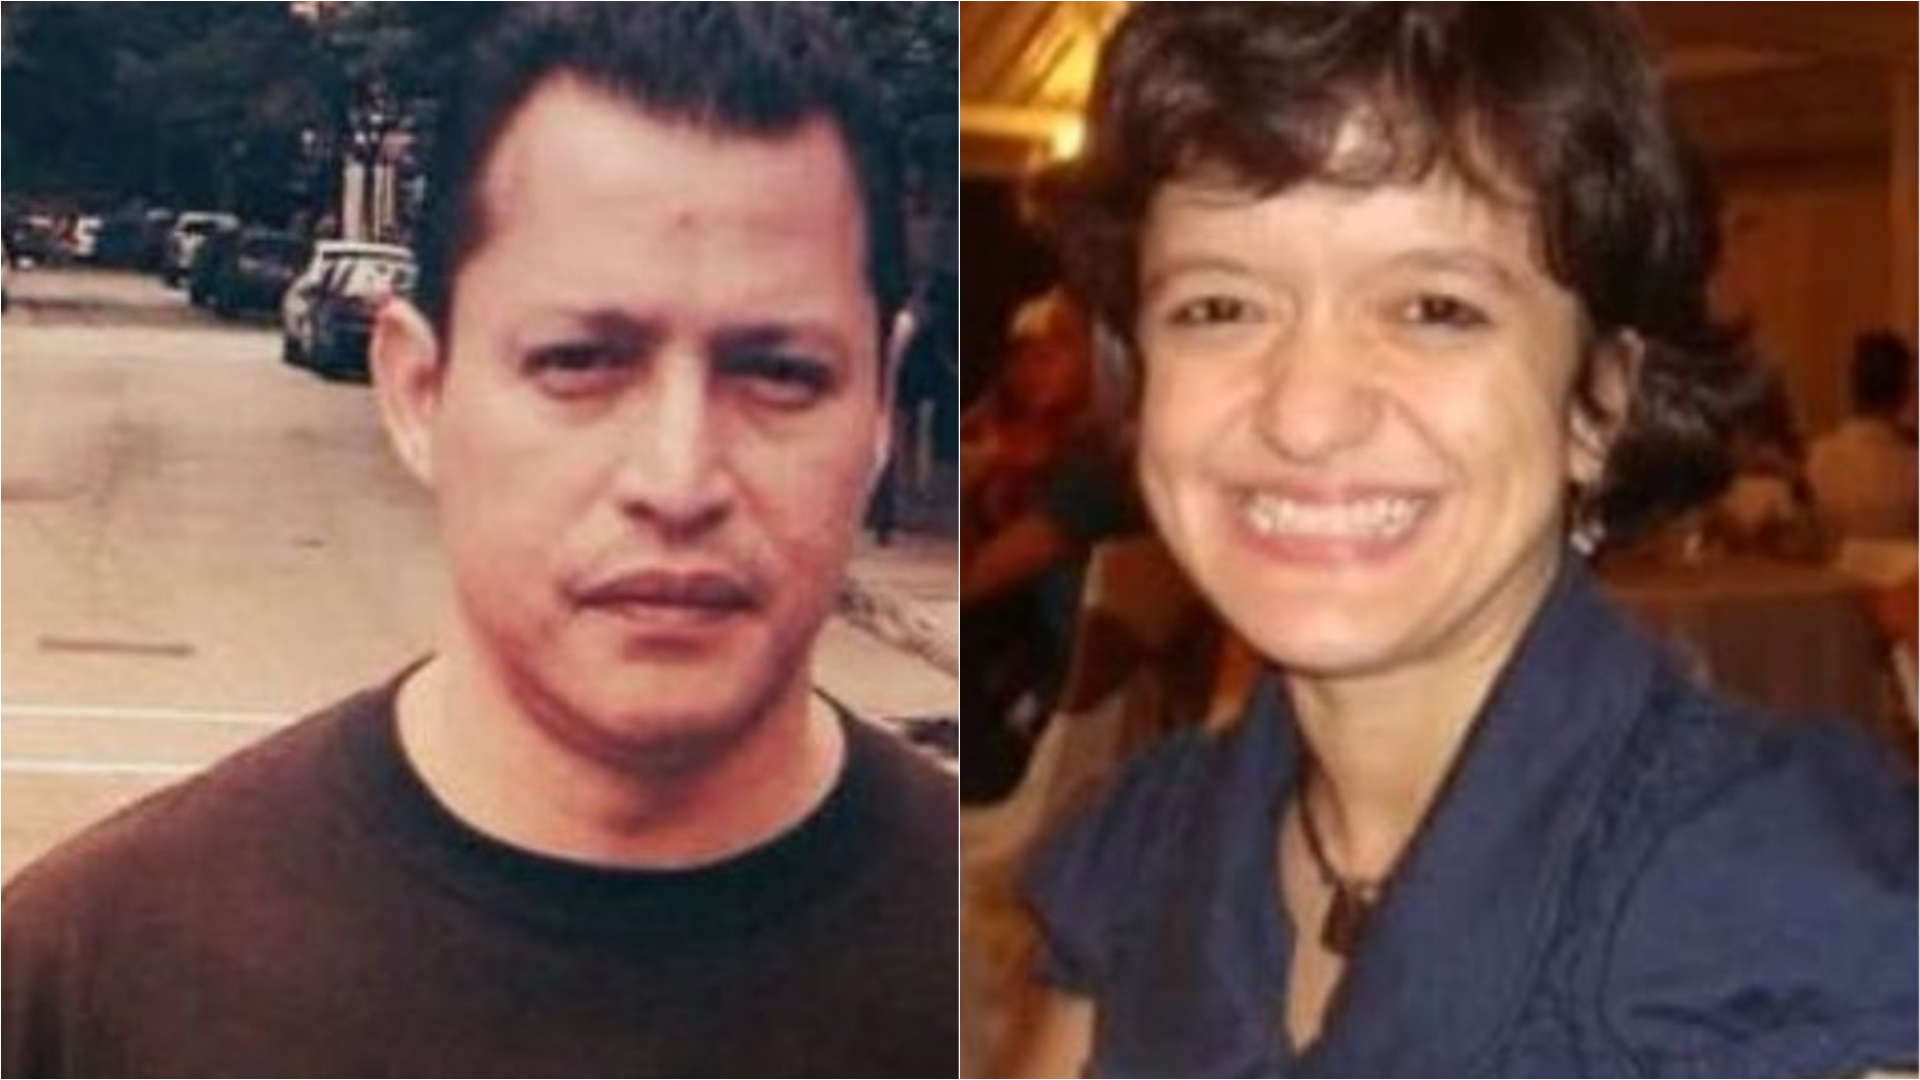 Casa por cárcel para periodistas Mimi Arriaga y Marco Antoima